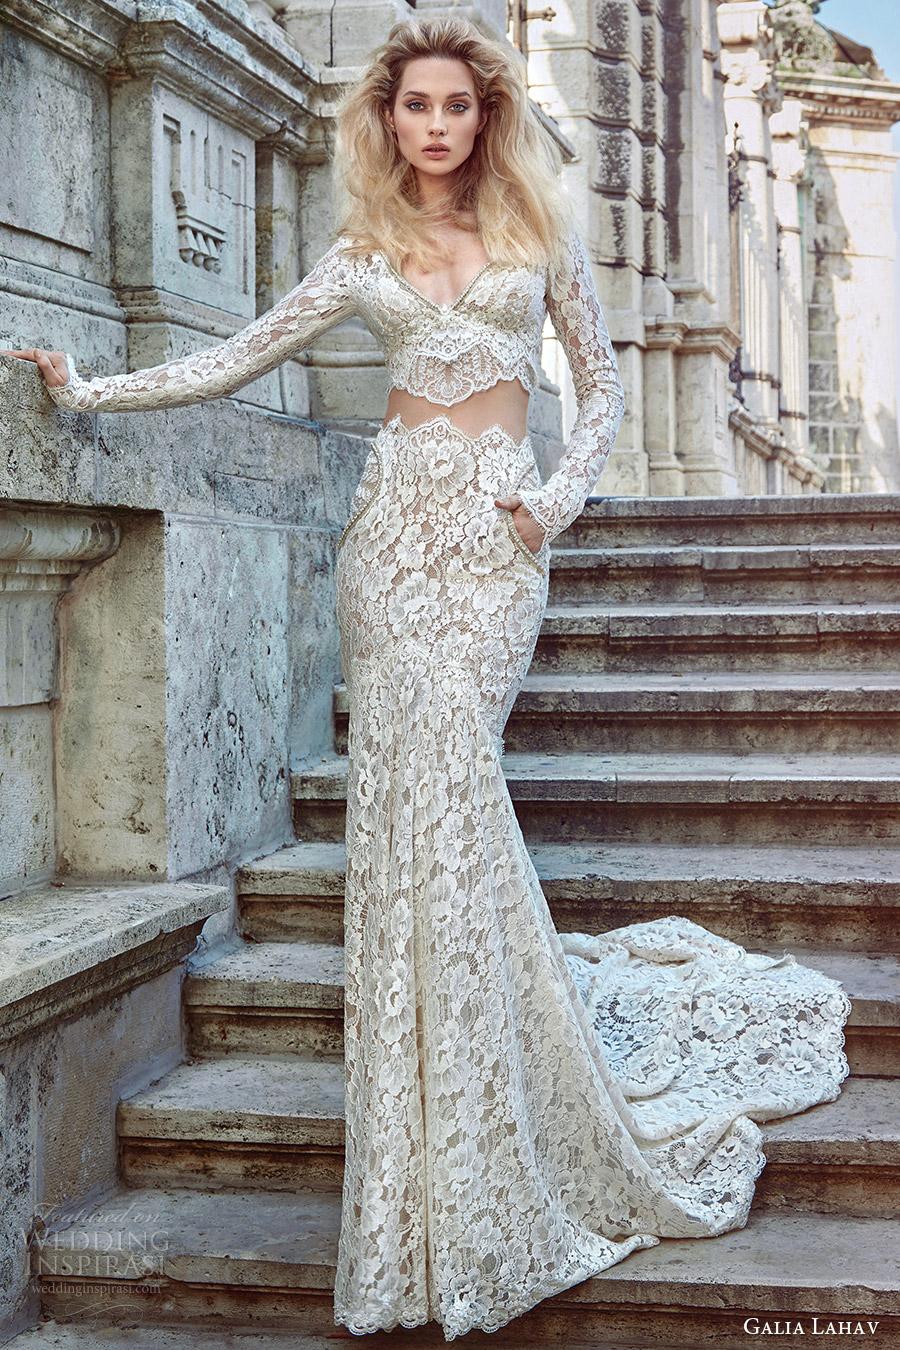 galia lahav fall 2016 bridal long sleeves v neck sheath lace wedding dress (morgan) mv elegant edgy pockets